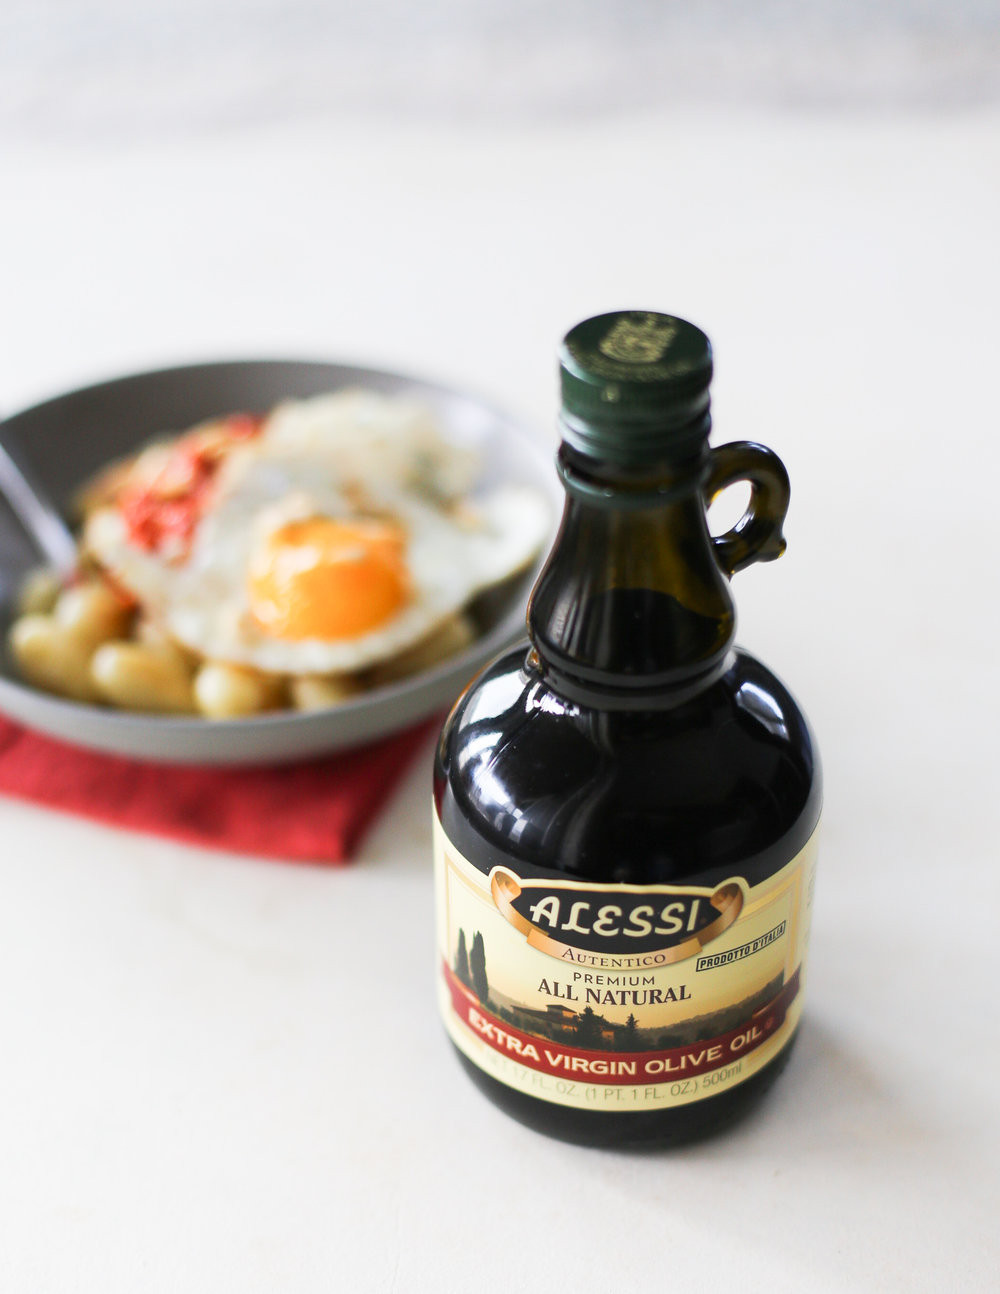 Gnocchi with Red Pepper & Sun Dried Tomato Pesto | Set the Table #gnocchi #recipe #pesto #alessifoods #datenightin